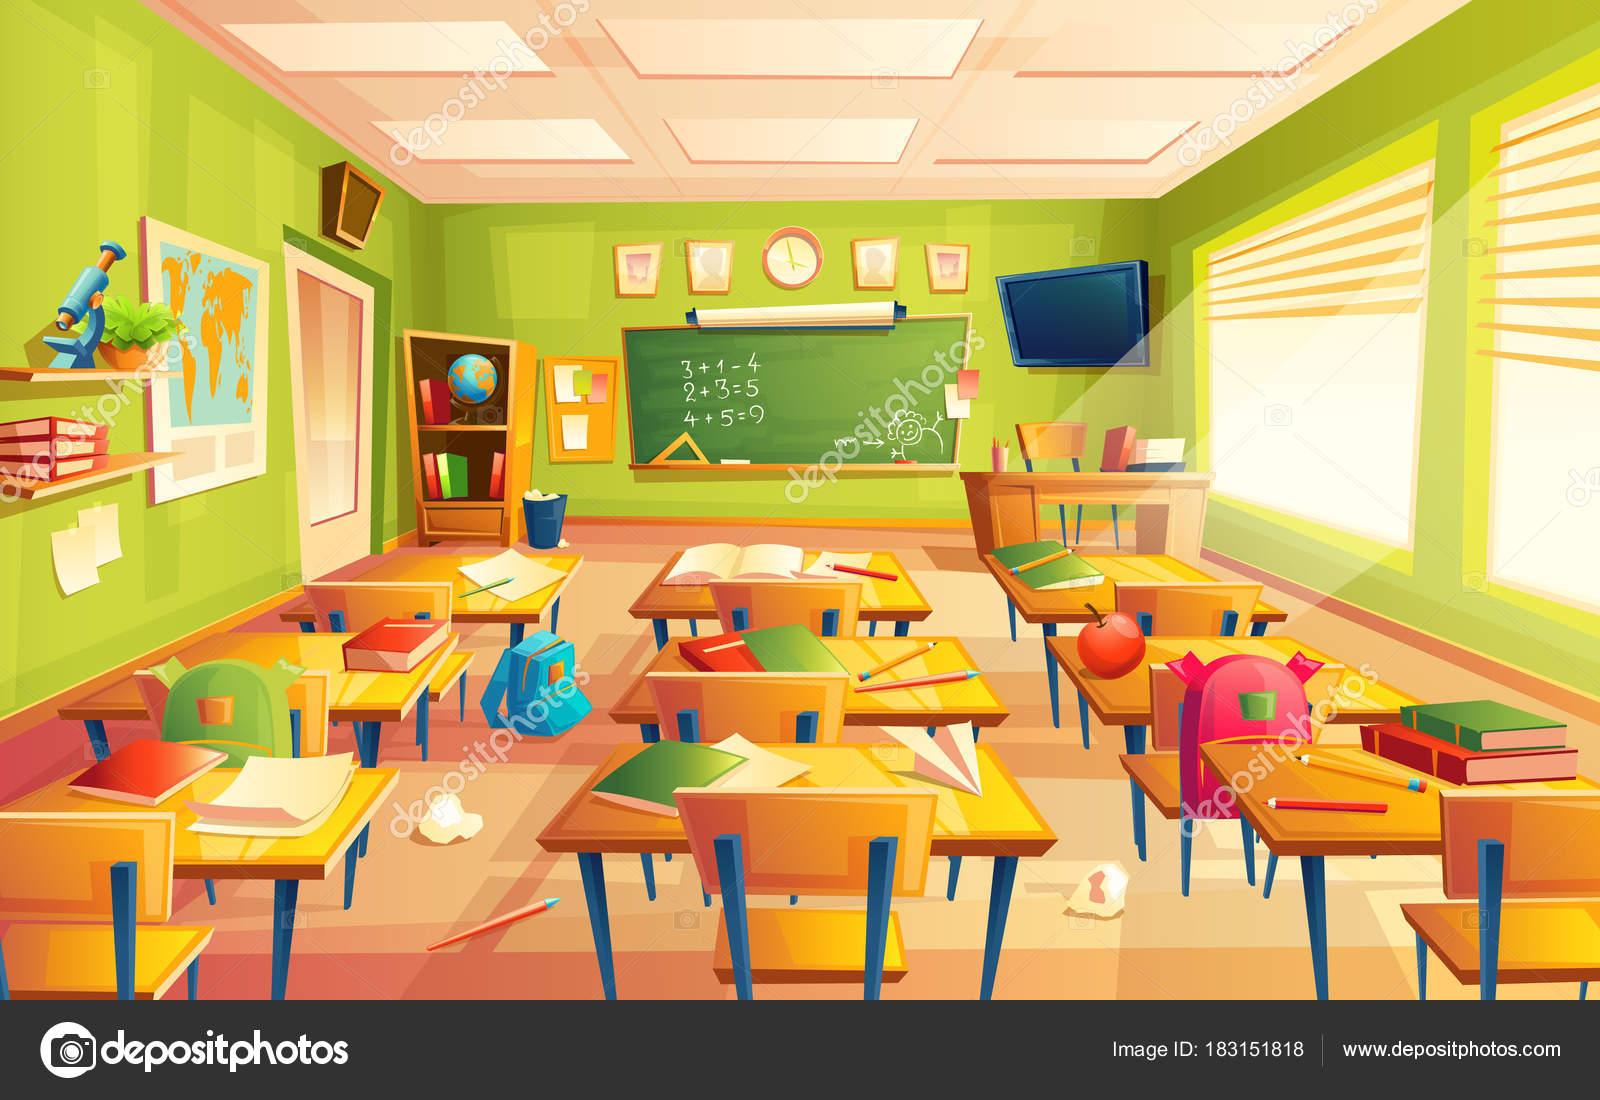 Vector Escuela Aula Matem Ticas Formaci N Espacio Interior  # Muebles Educativos